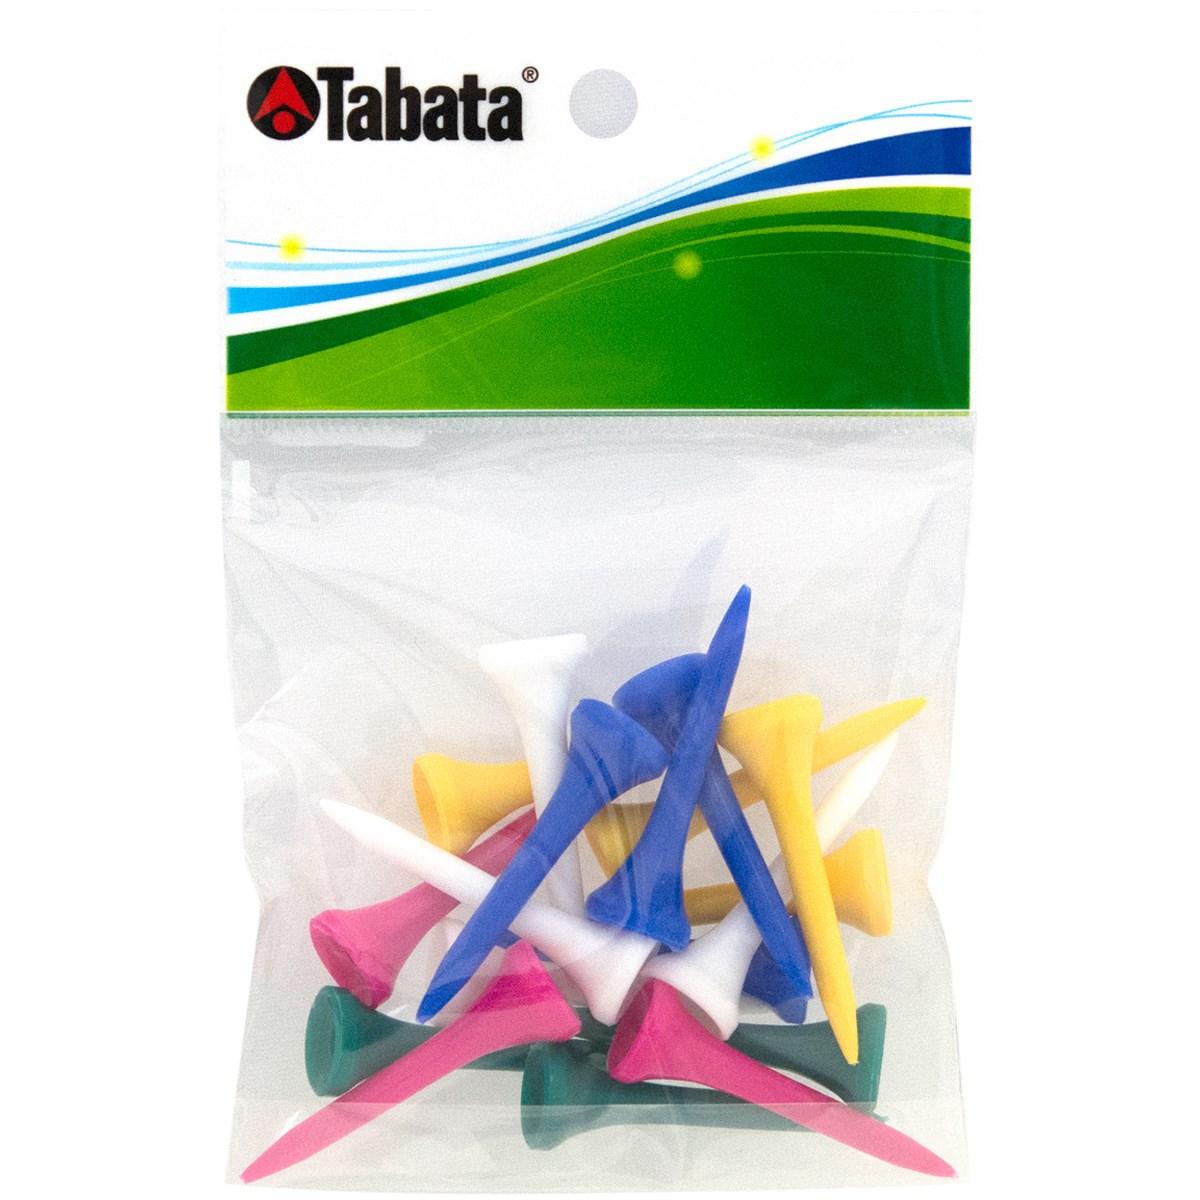 タバタ Tabata スリムティーショート ブルー/イエロー/ホワイト/グリーン/ピンク